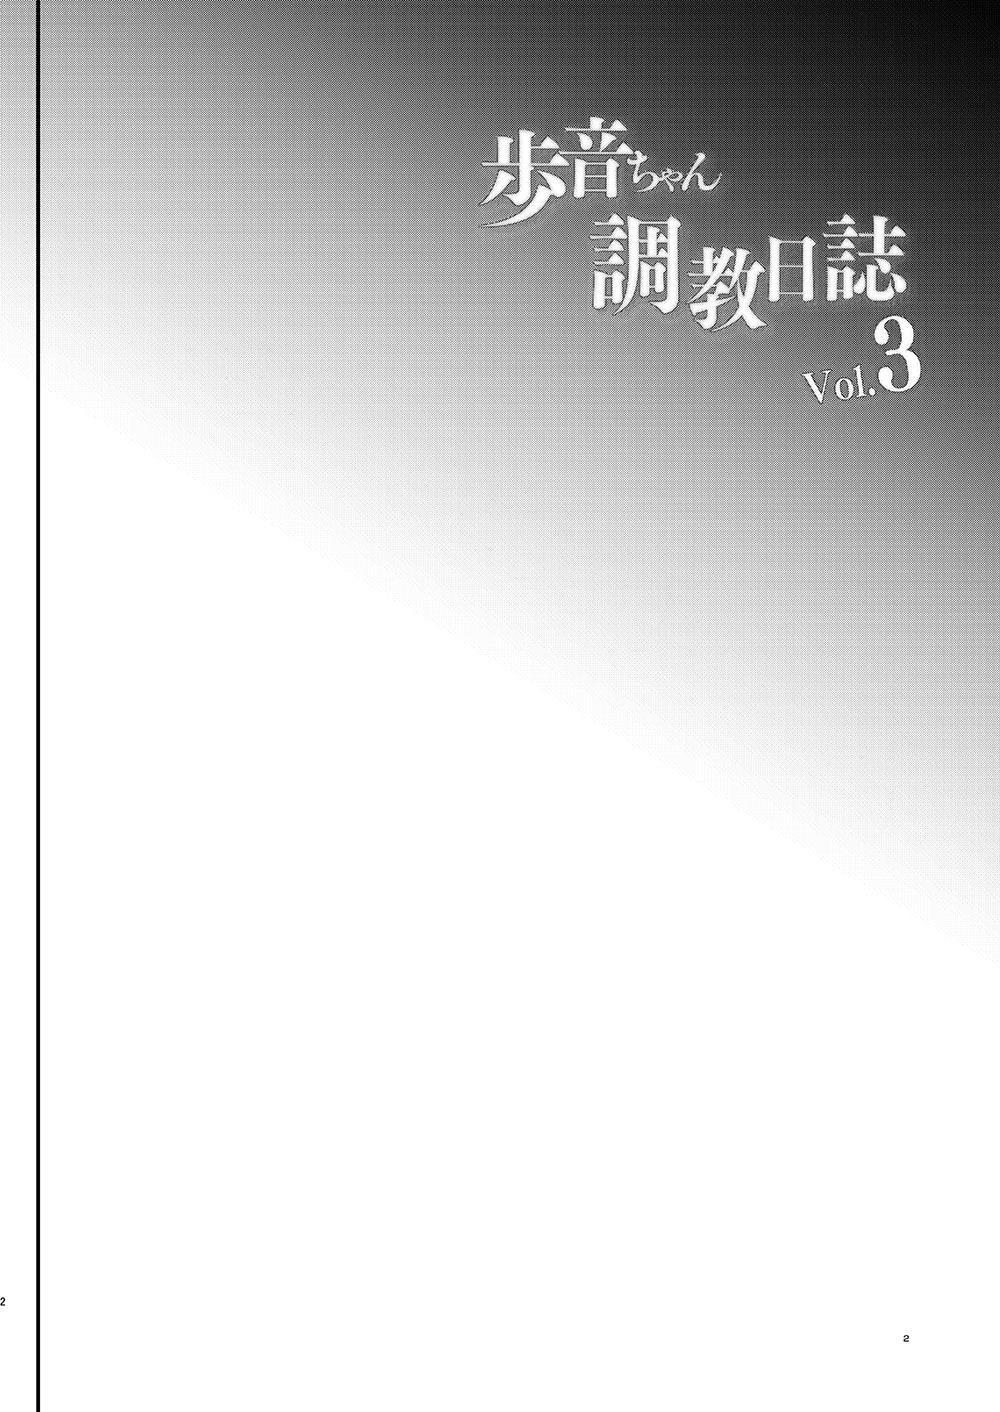 [Shimajiya (Shimaji)] Ayune-chan Choukyou Nisshi Vol. 3 -Gakkou Ecchi Hen- [Chinese] [雪球个人汉化] [Digital] 3